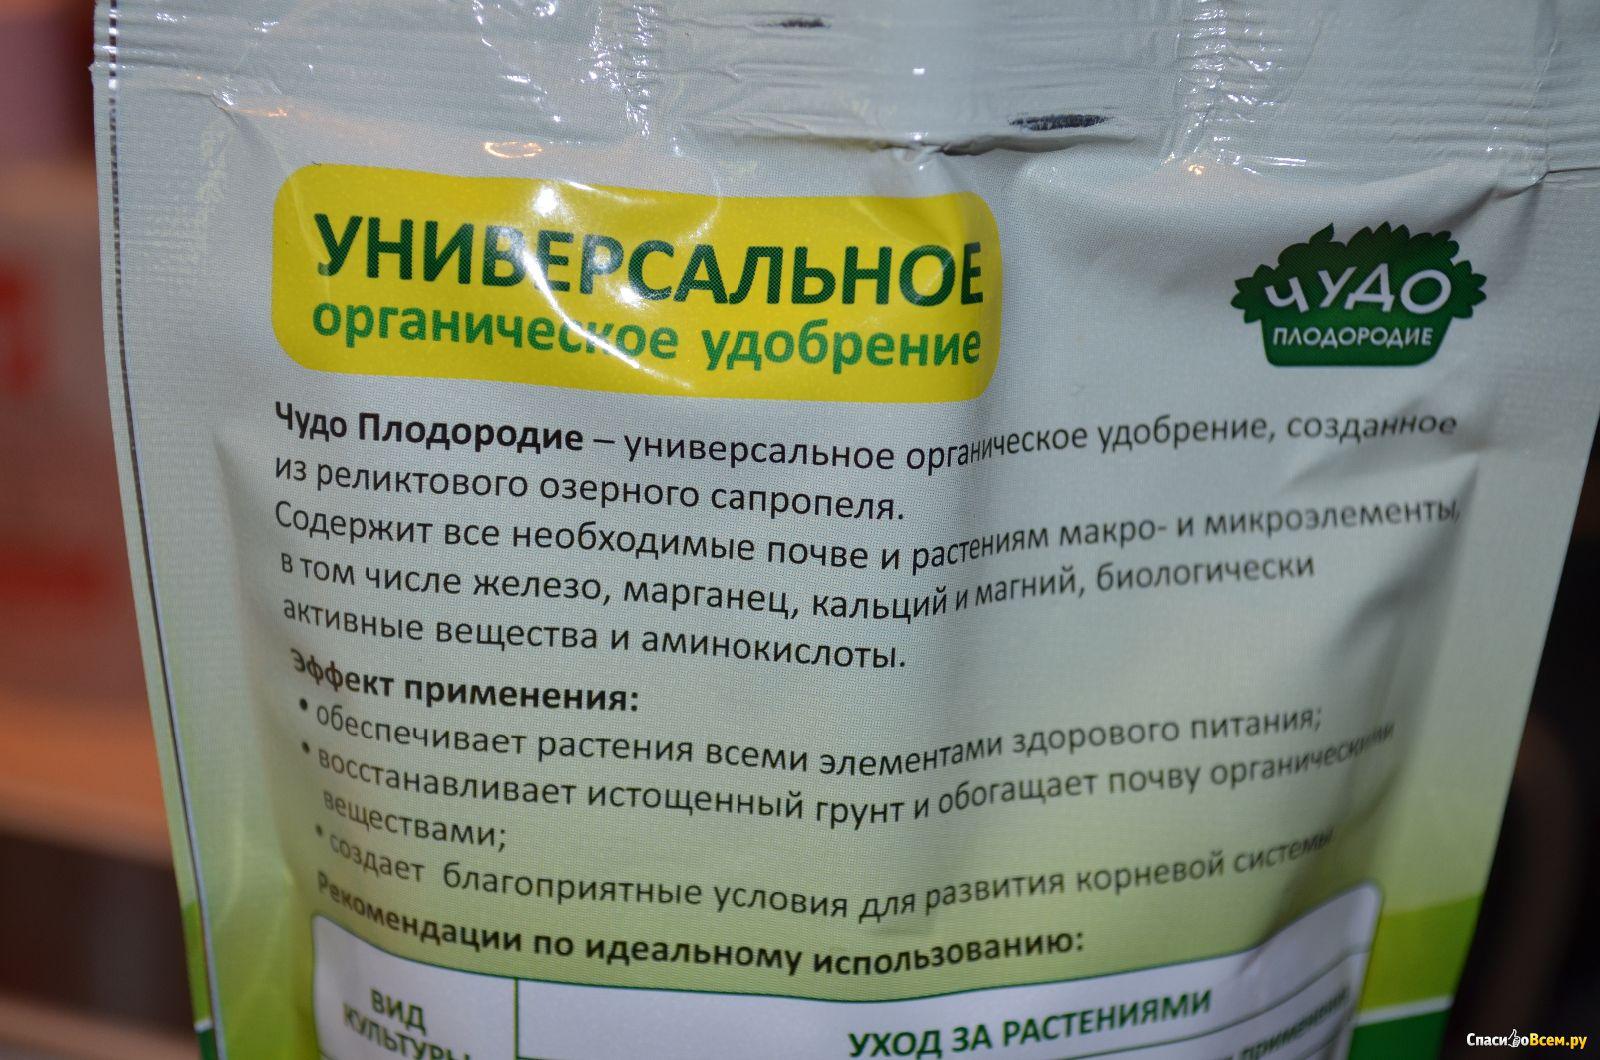 Удобрение сульфат магния: для чего необходимо, инструкция по применению, советы по дозировкам